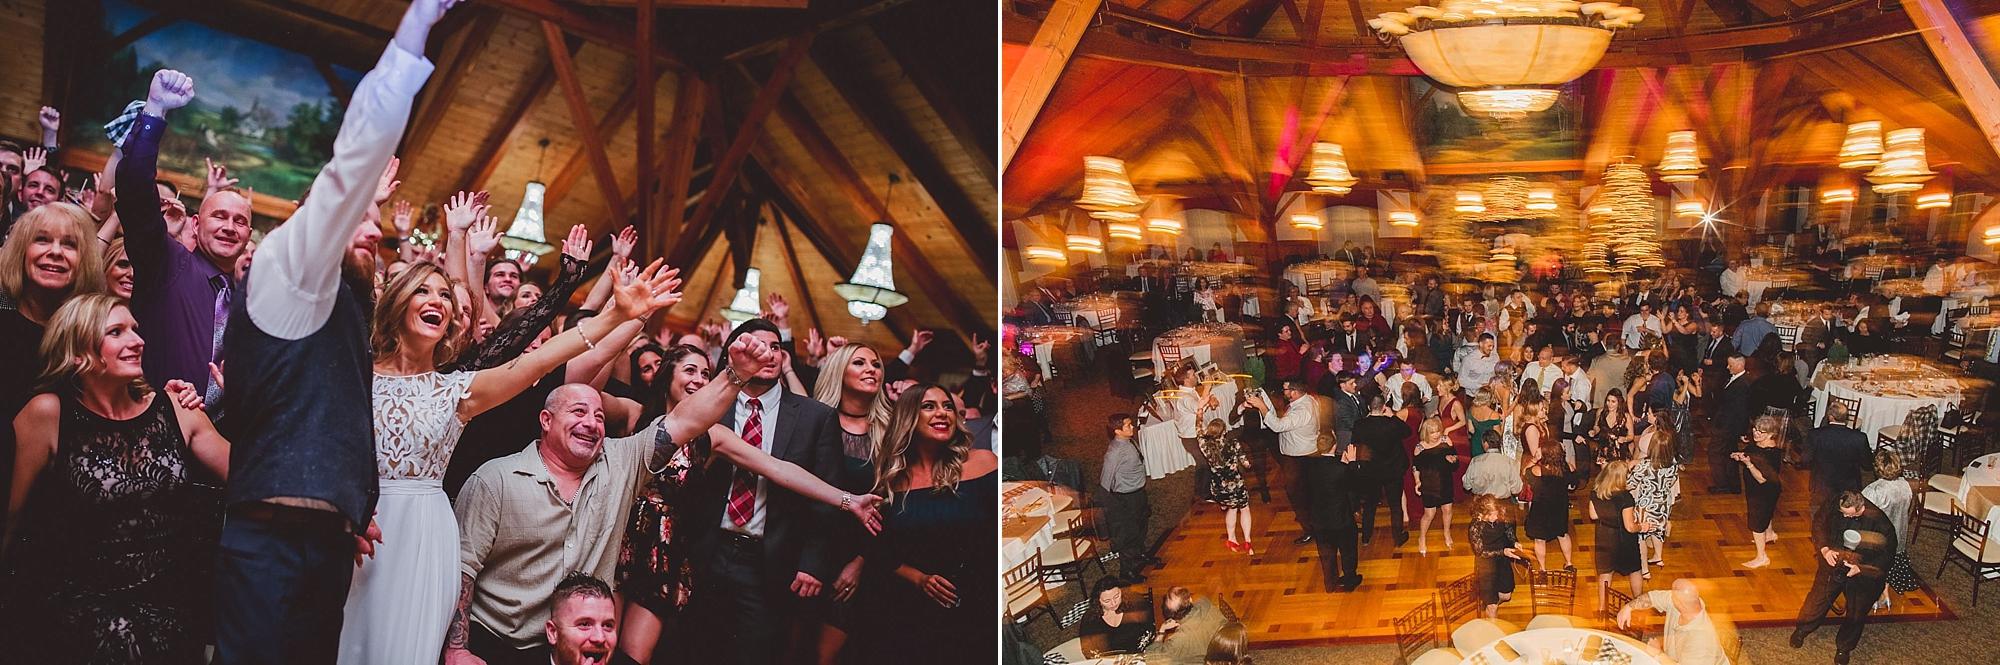 Tweaksbury-country-clup-wedding-93.jpg